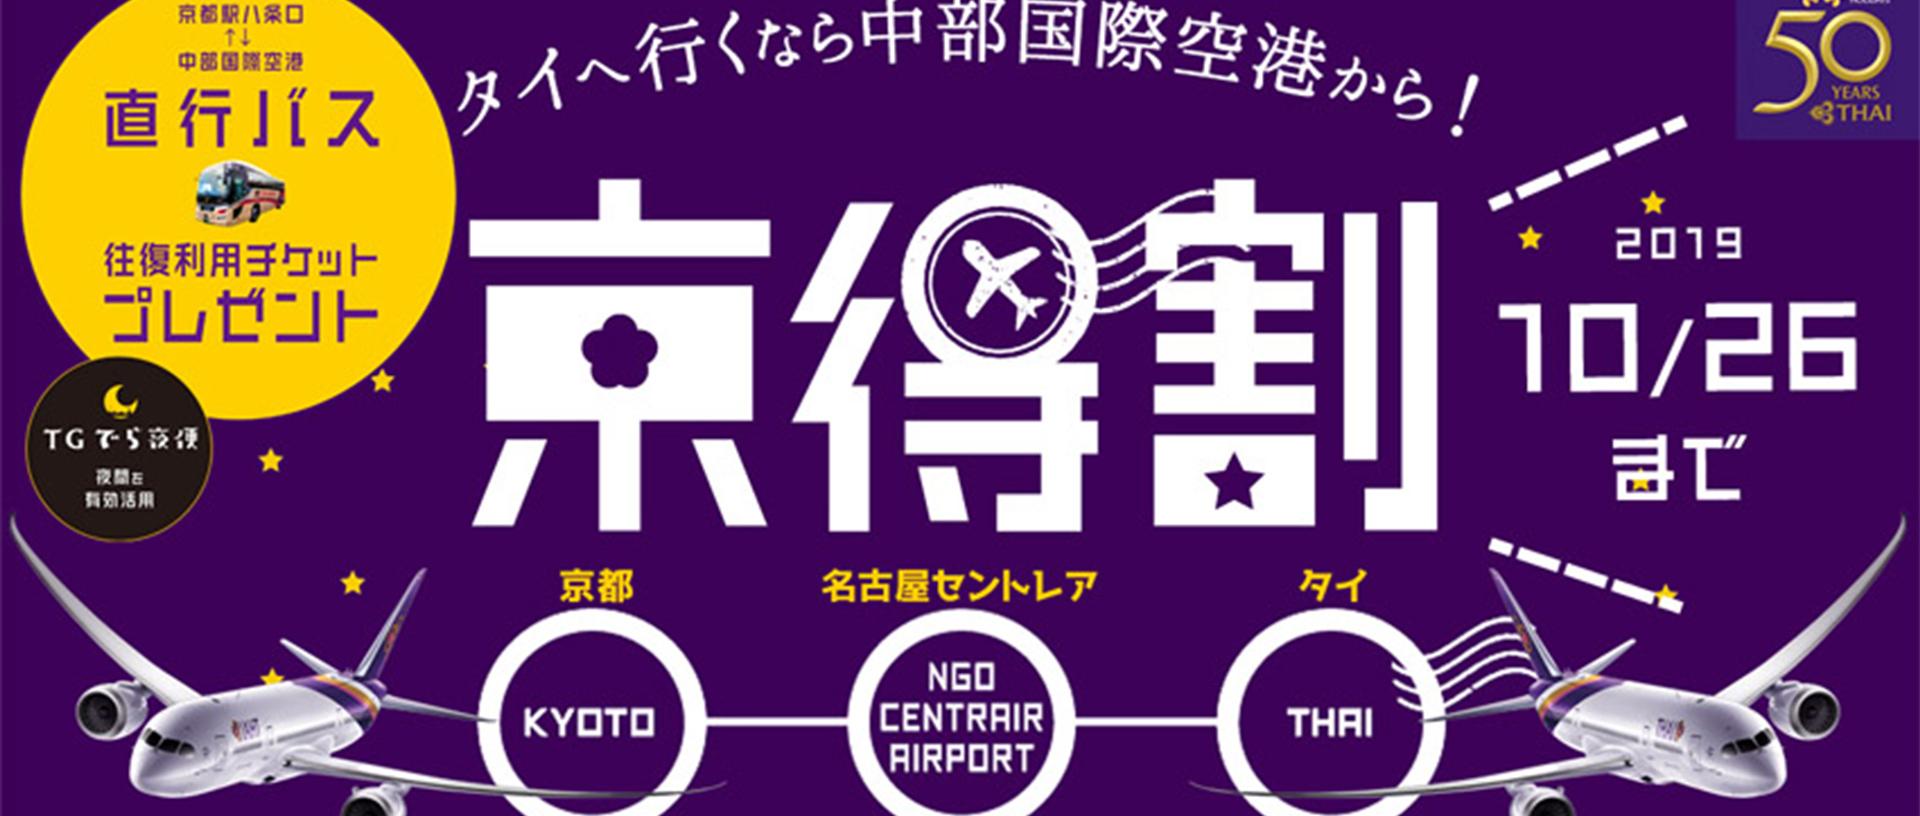 タイへ行くなら中部国際空港から!京得割 2019年10月26日まで